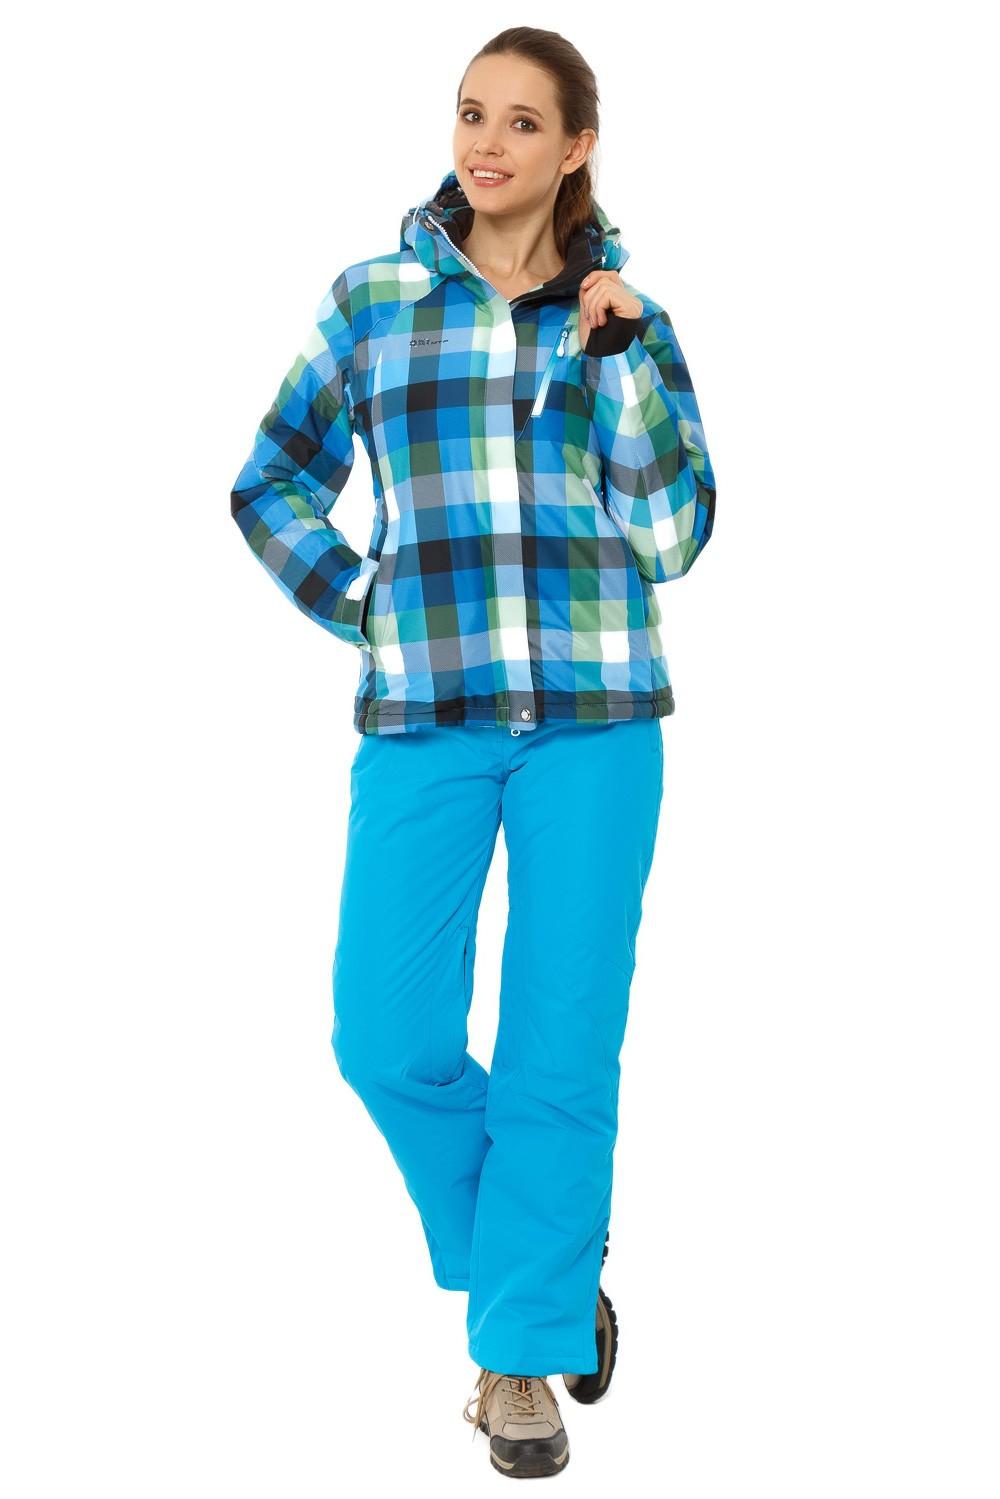 Купить Костюм горнолыжный женский голубого цвета 01807Gl